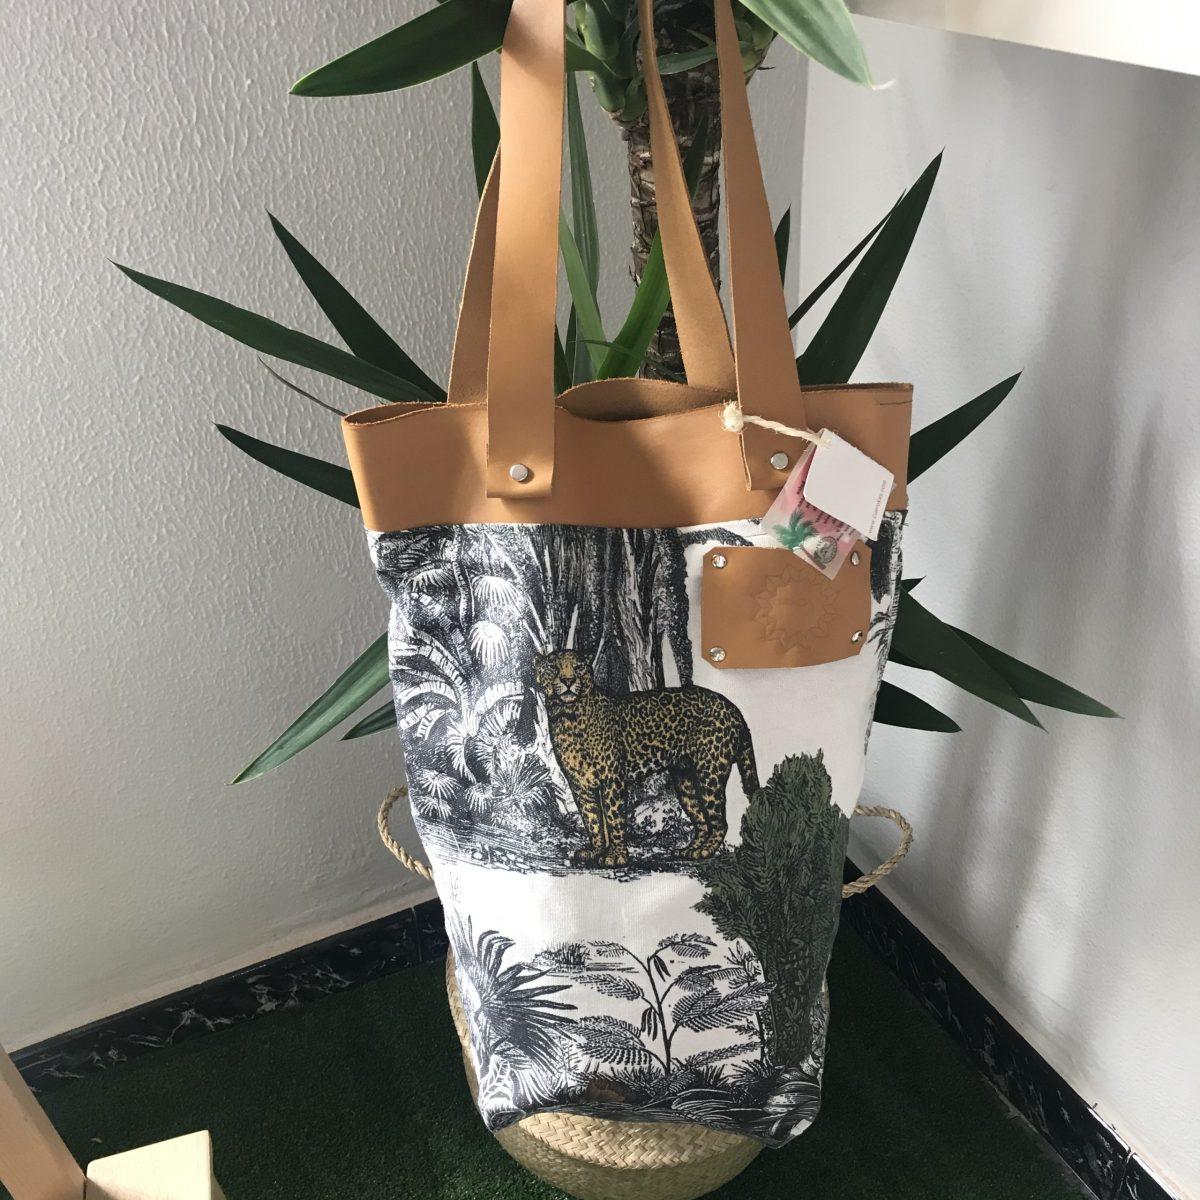 Bolsa De algodón estampado para playa sostenible y ecológica